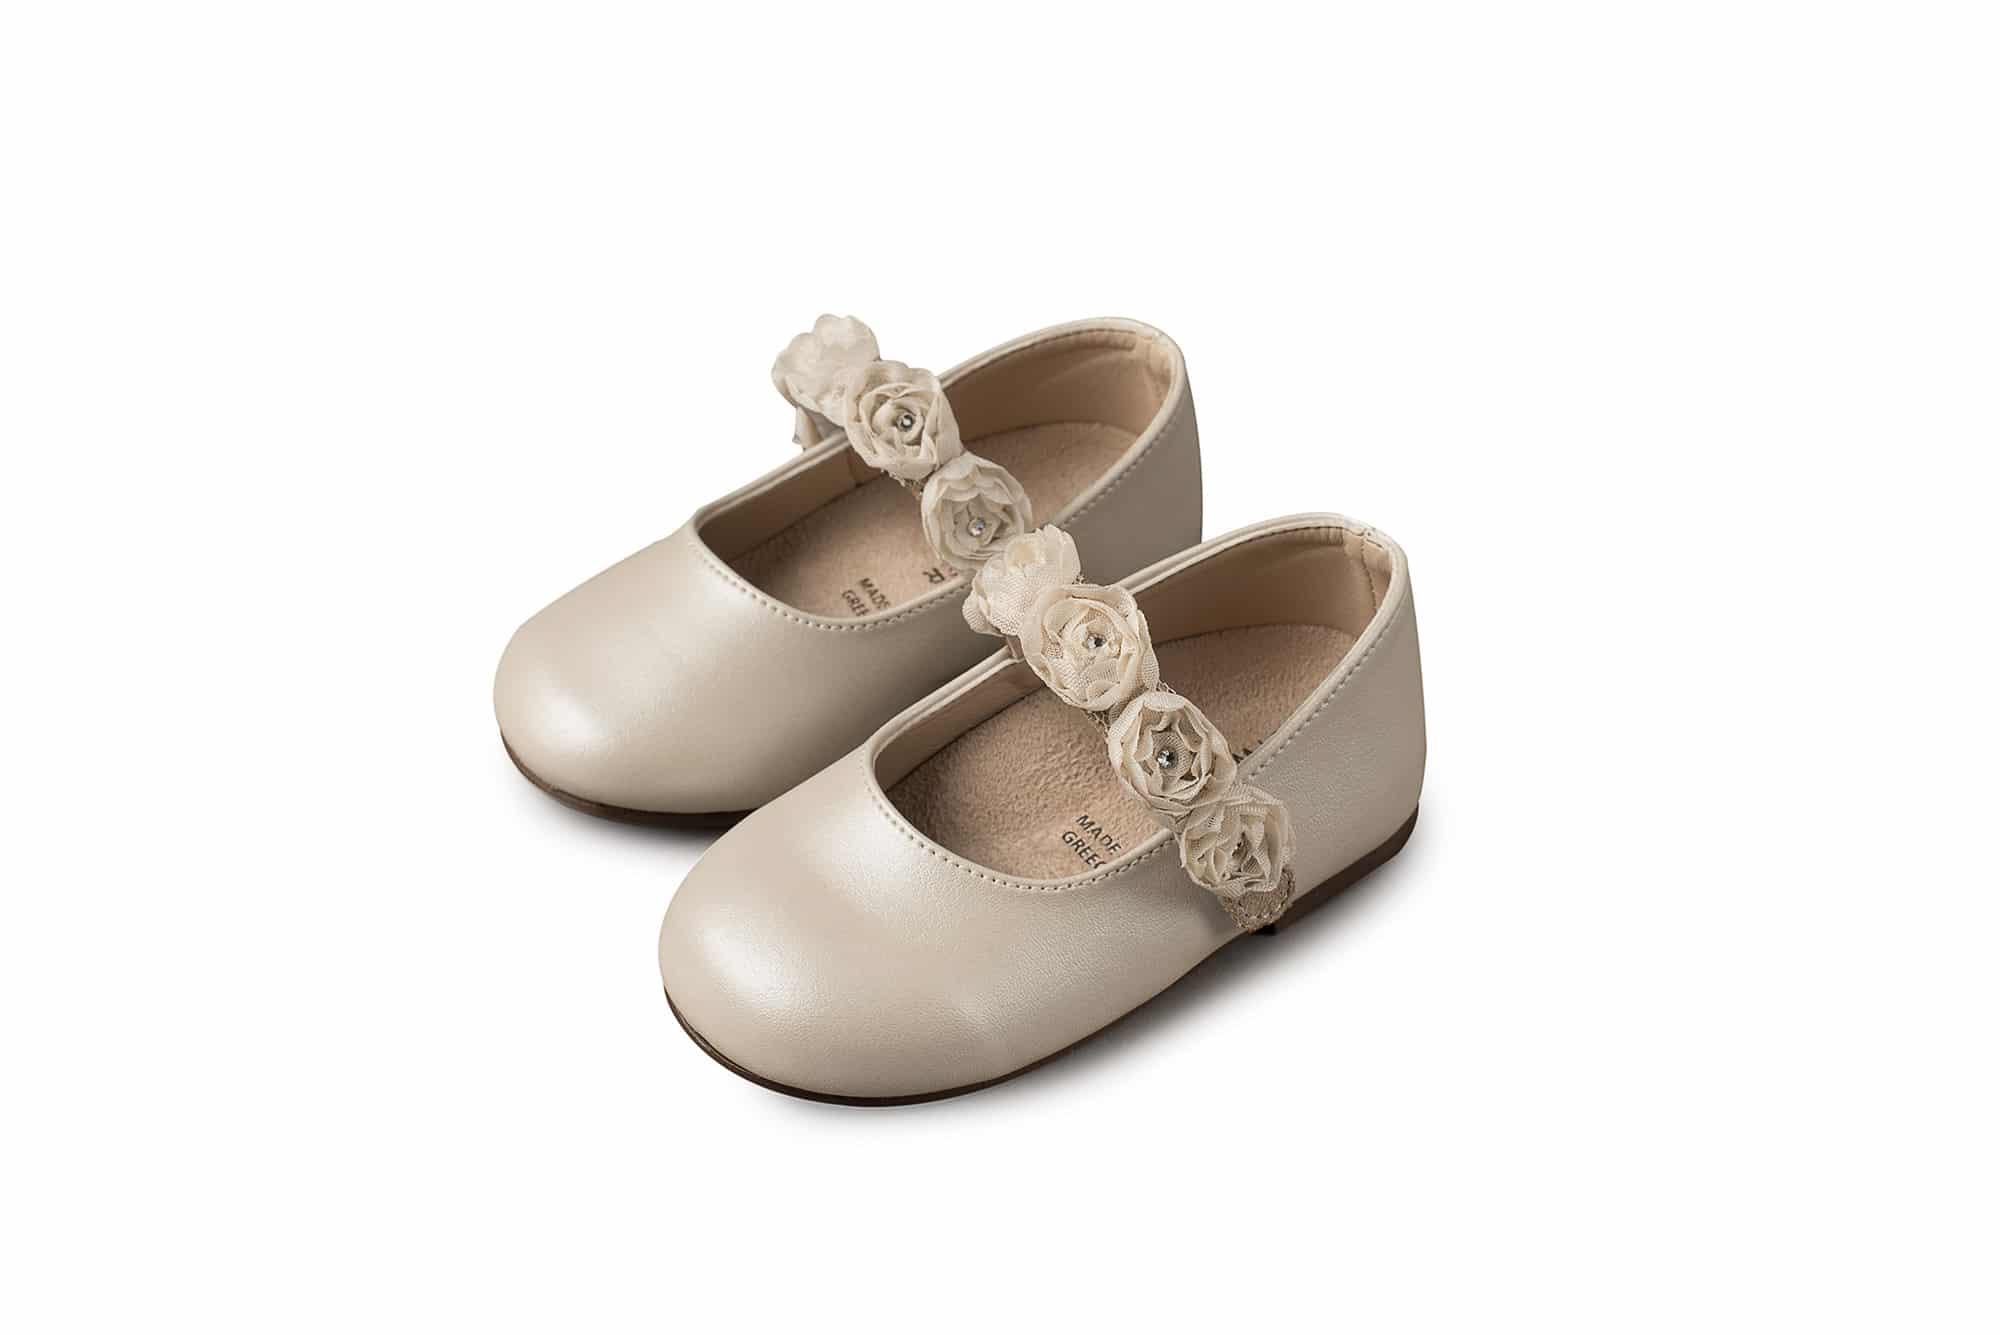 34787a20872 Βαπτιστικά Παπούτσια για κορίτσι Babywalker γοβάκι μονή μπαρέτα με Chiffon  λουλούδια